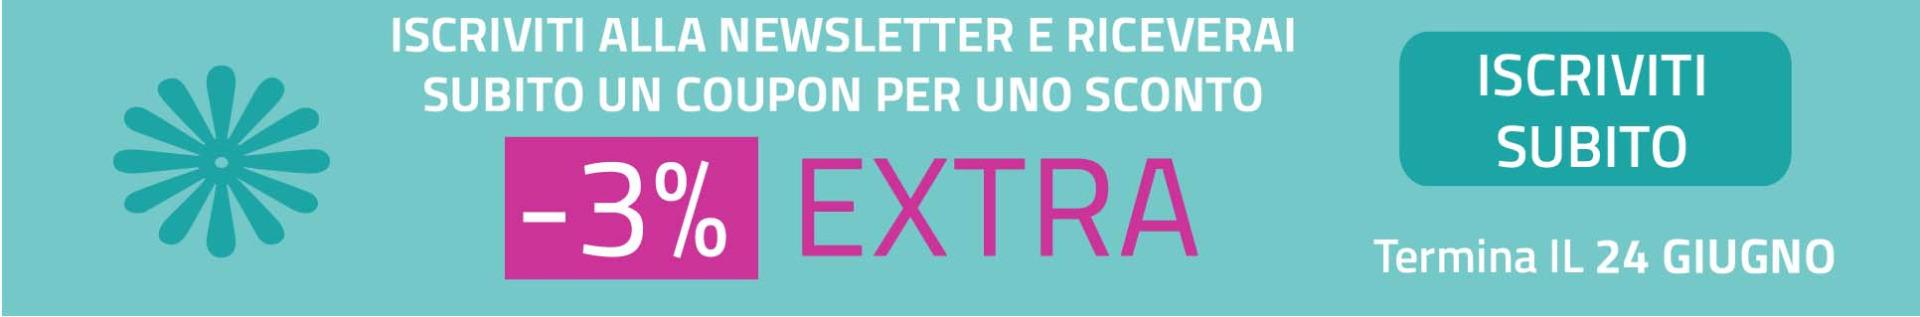 Promozione iscrizione newsletter